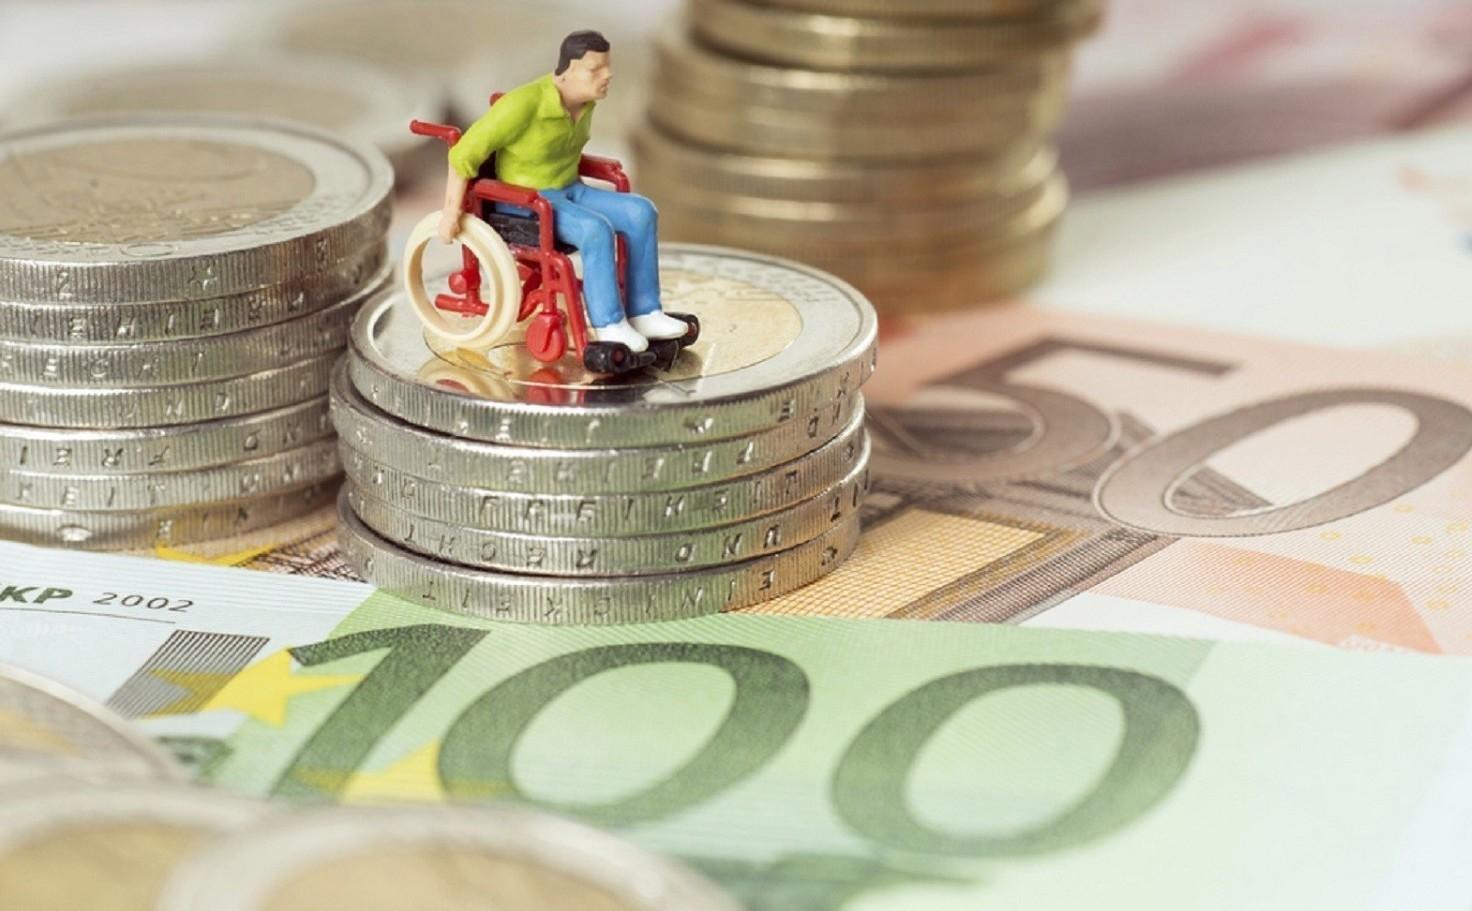 Pensione invalidità: requisiti e importo dell'assegno